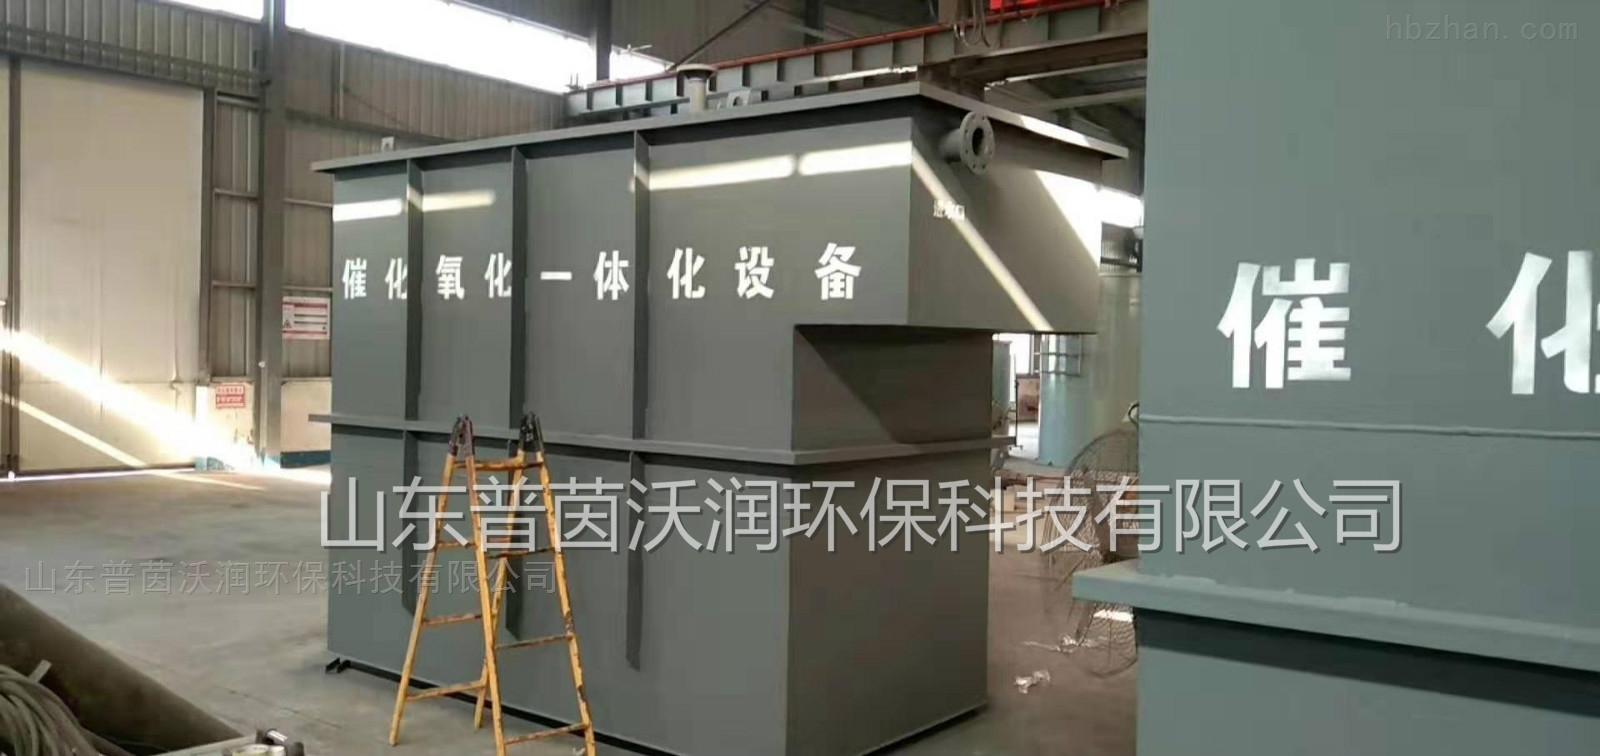 铁碳微电解填料塔厂家